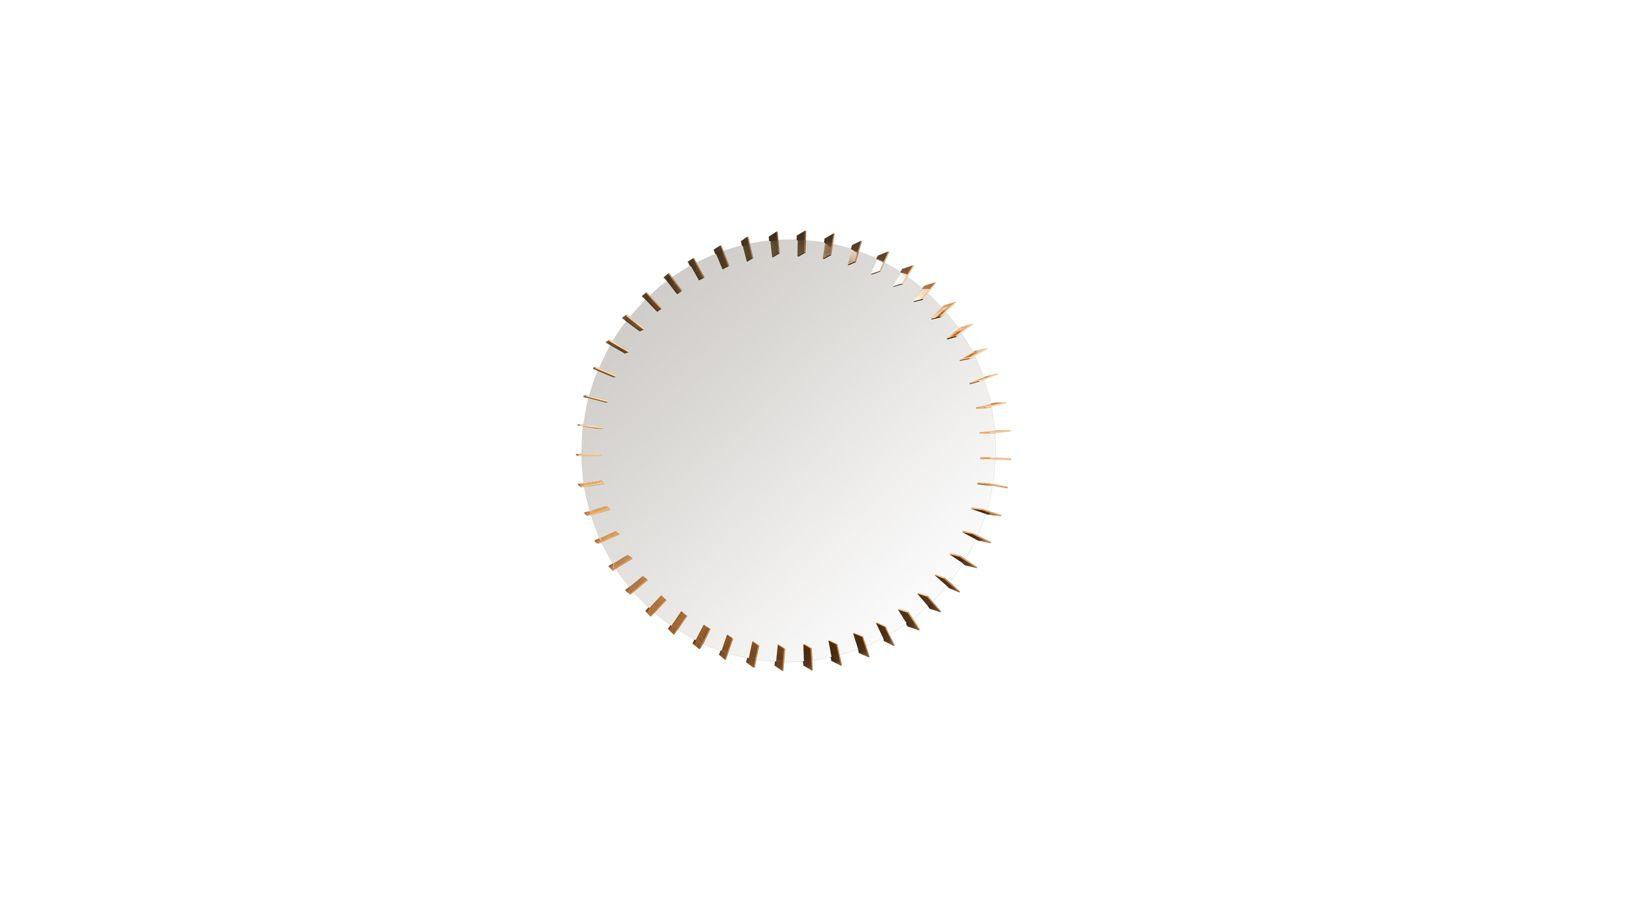 Miroir roche bobois miroir vapore roche bobois marie claire maison miroir lampadaire mistik for Miroir design roche bobois